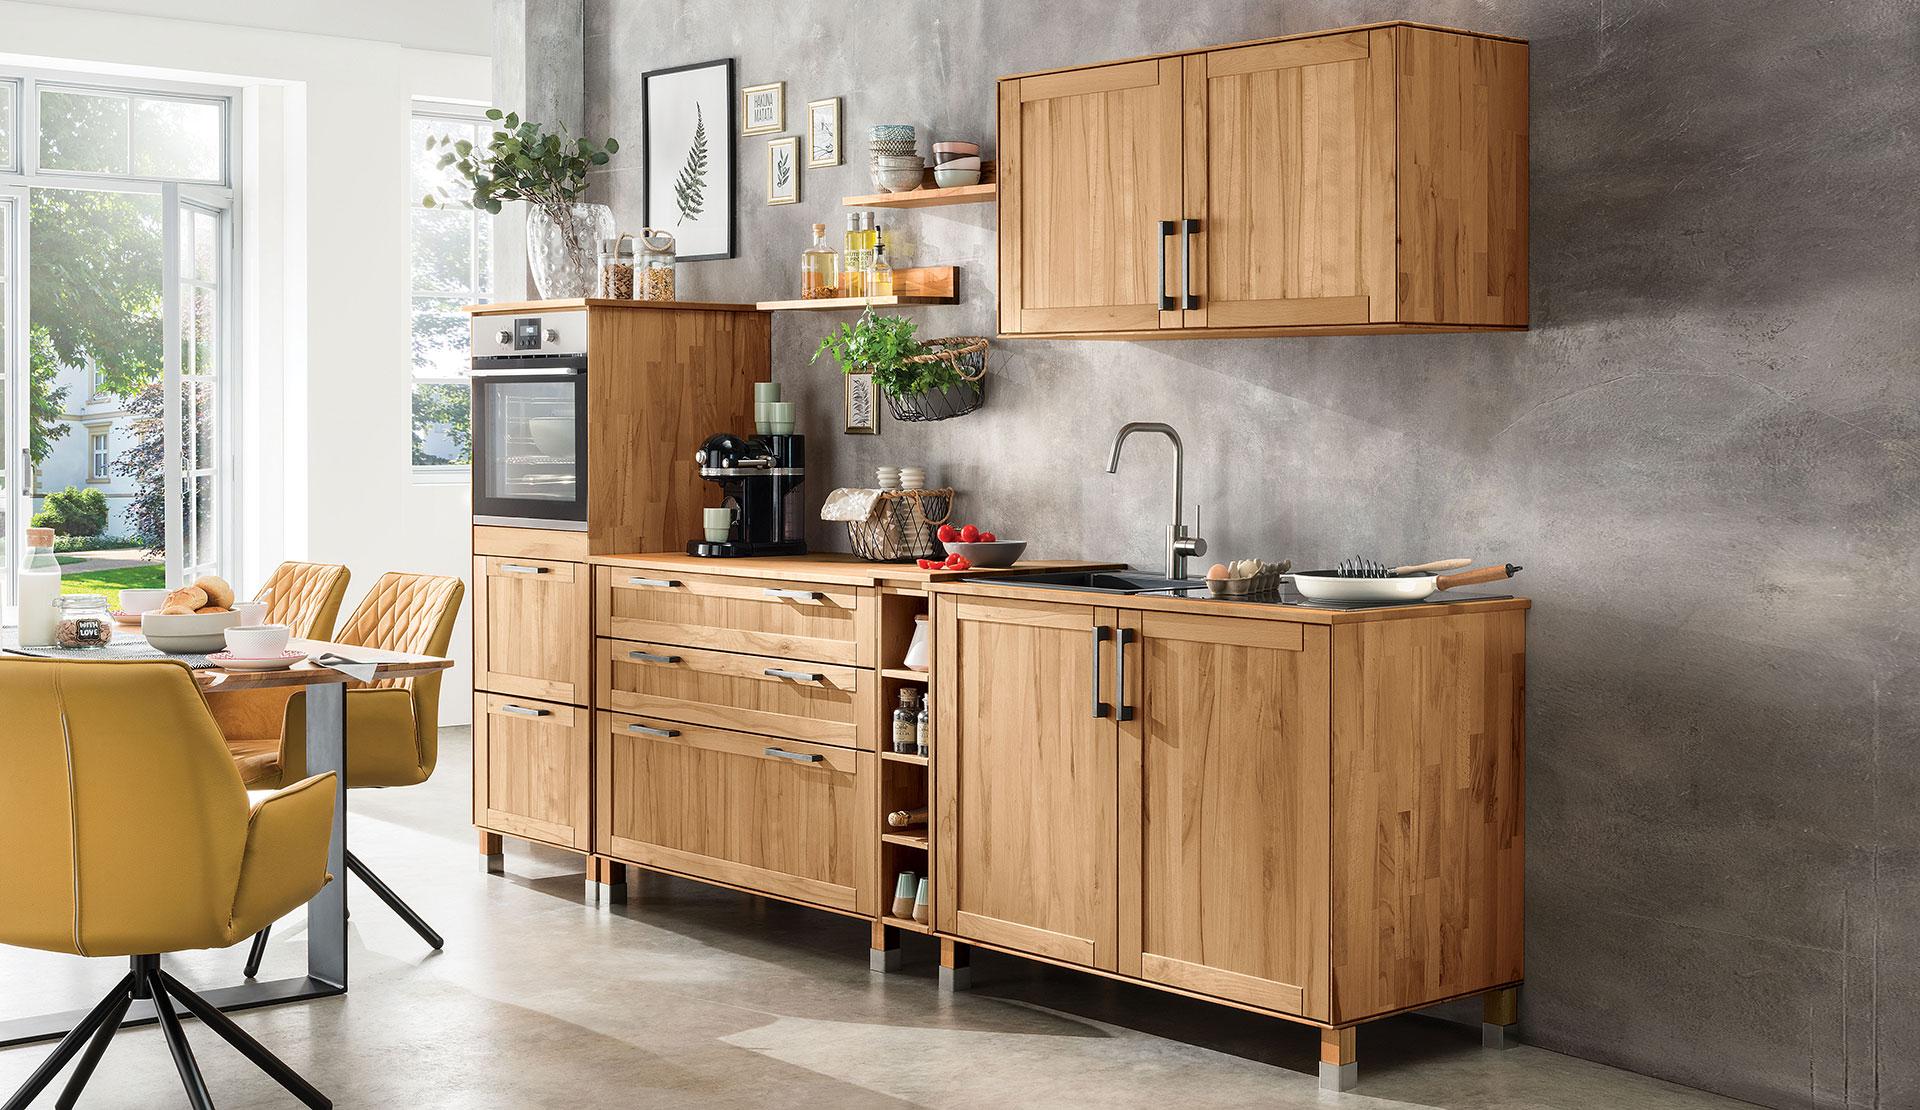 Full Size of Comodulkche Modulkche Gebraucht Cokaufen Otto Kche Holz Ikea Modulküche Wohnzimmer Modulküche Cocoon